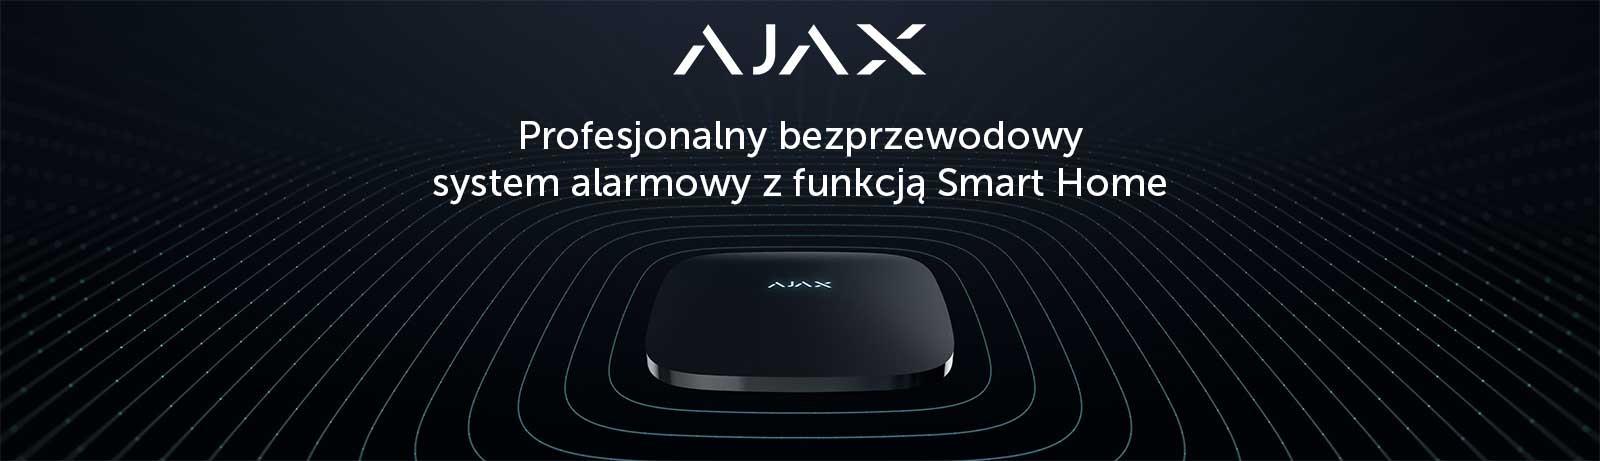 Promocyjne zestawy alarmowe AJAX